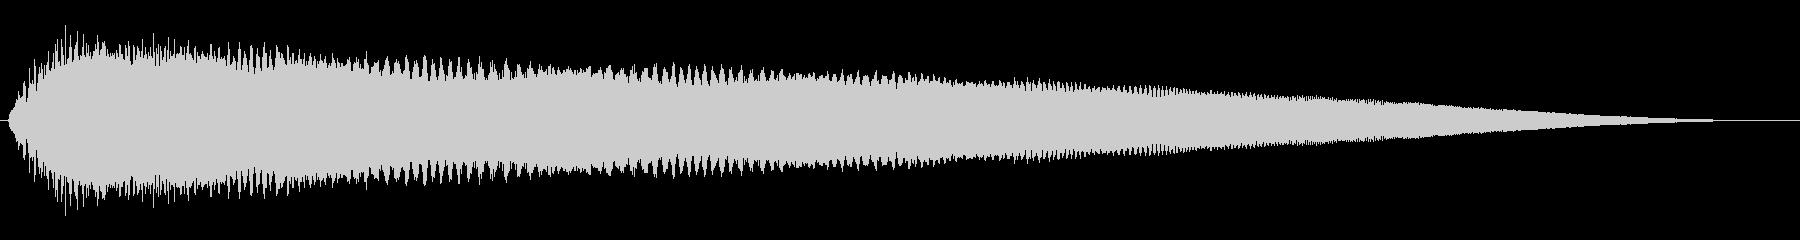 クワァァン↓ンンン〜↑の未再生の波形